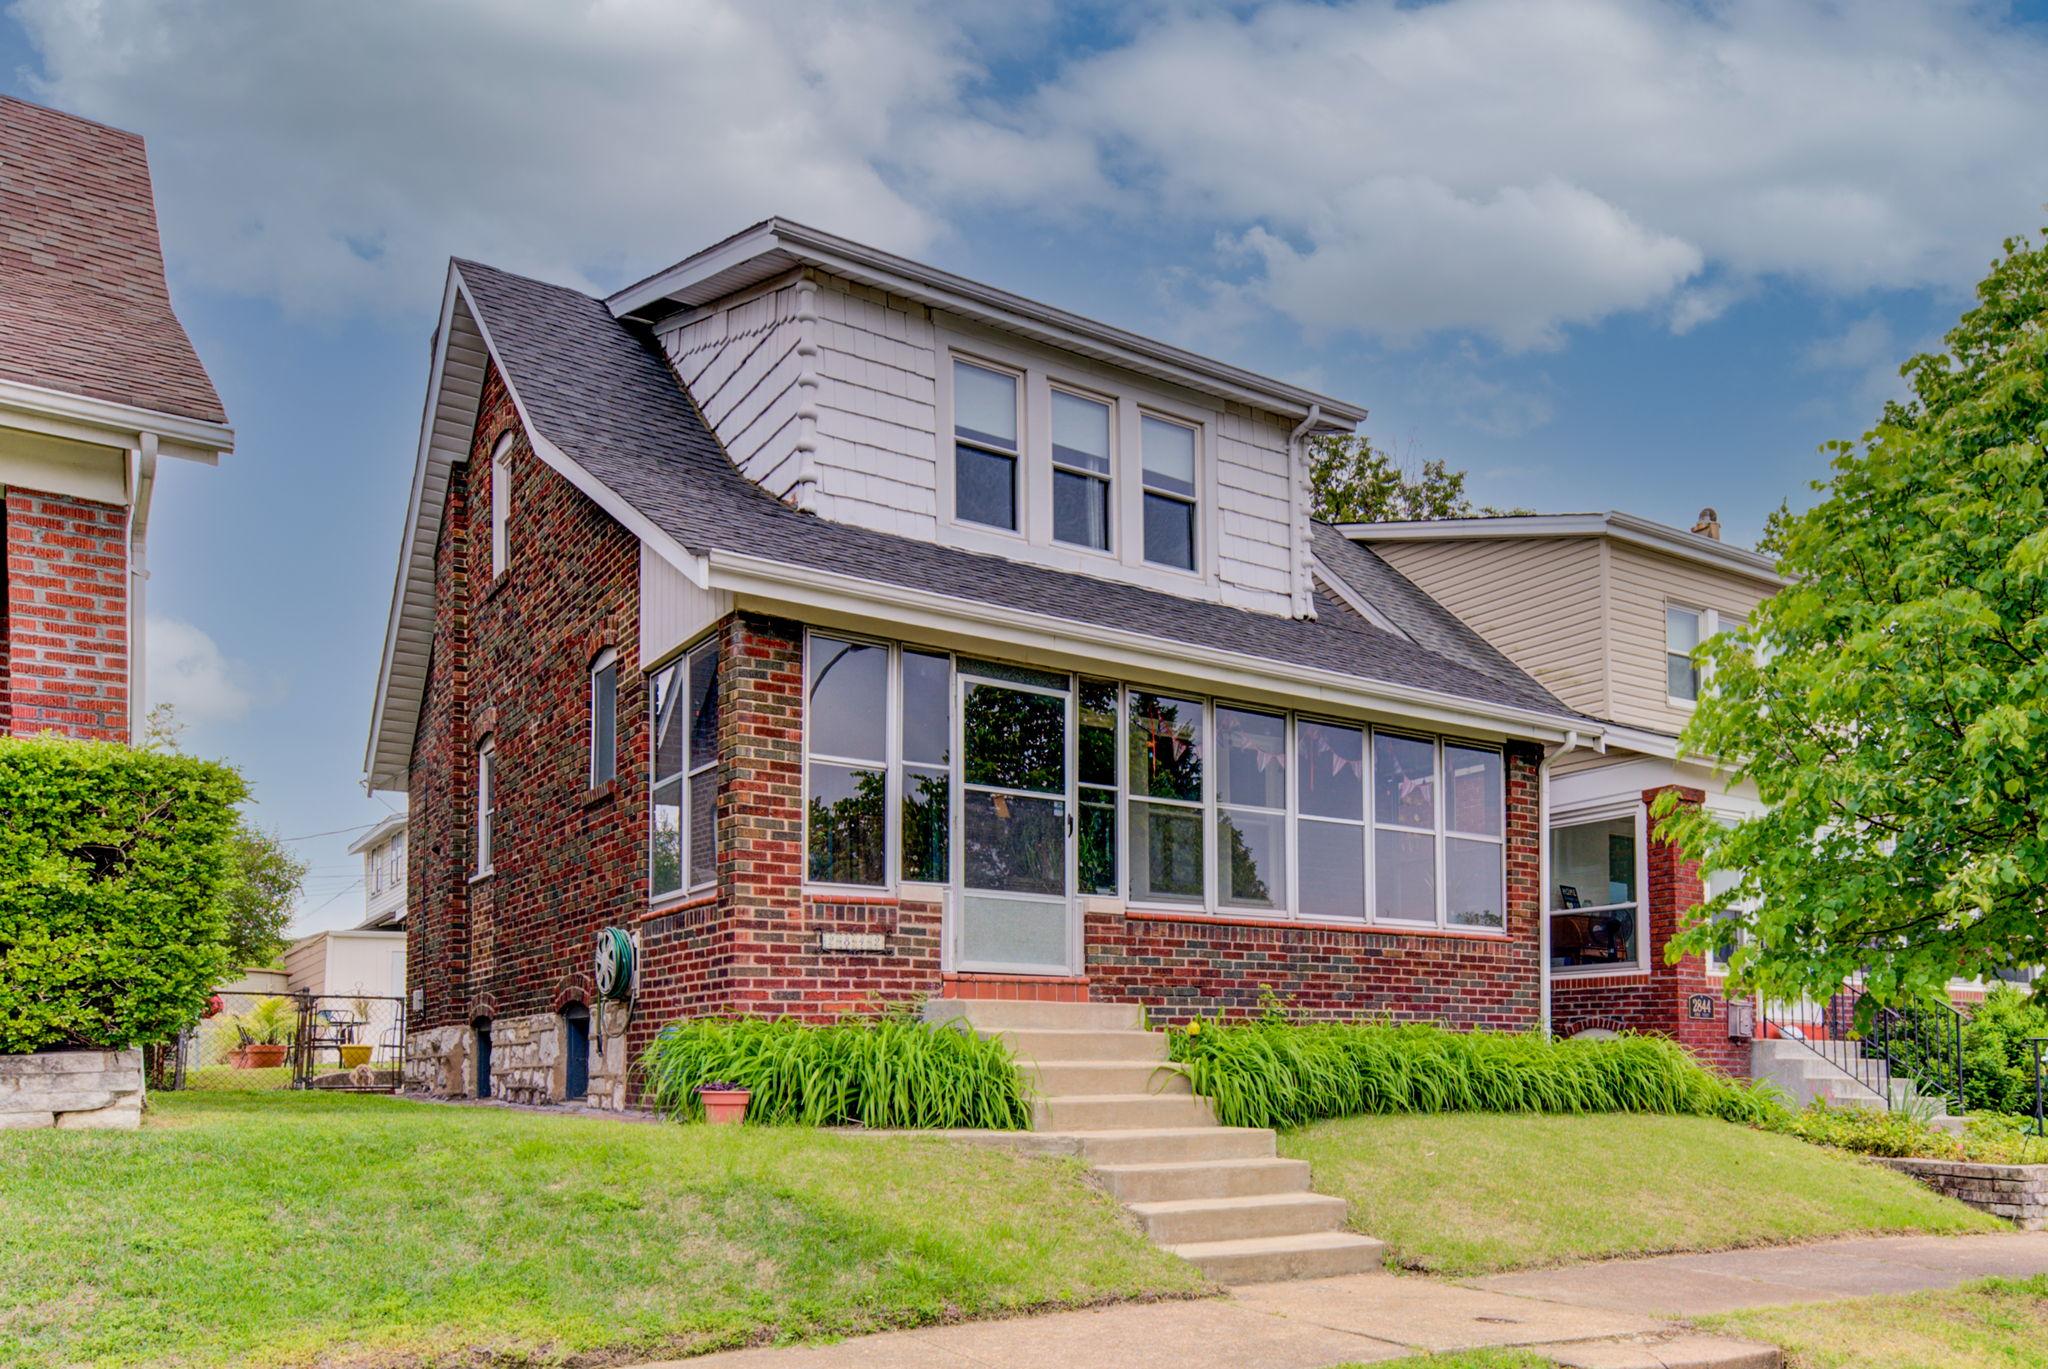 2842 Knox Ct.    St. Louis, MO 63130                                 $259,000